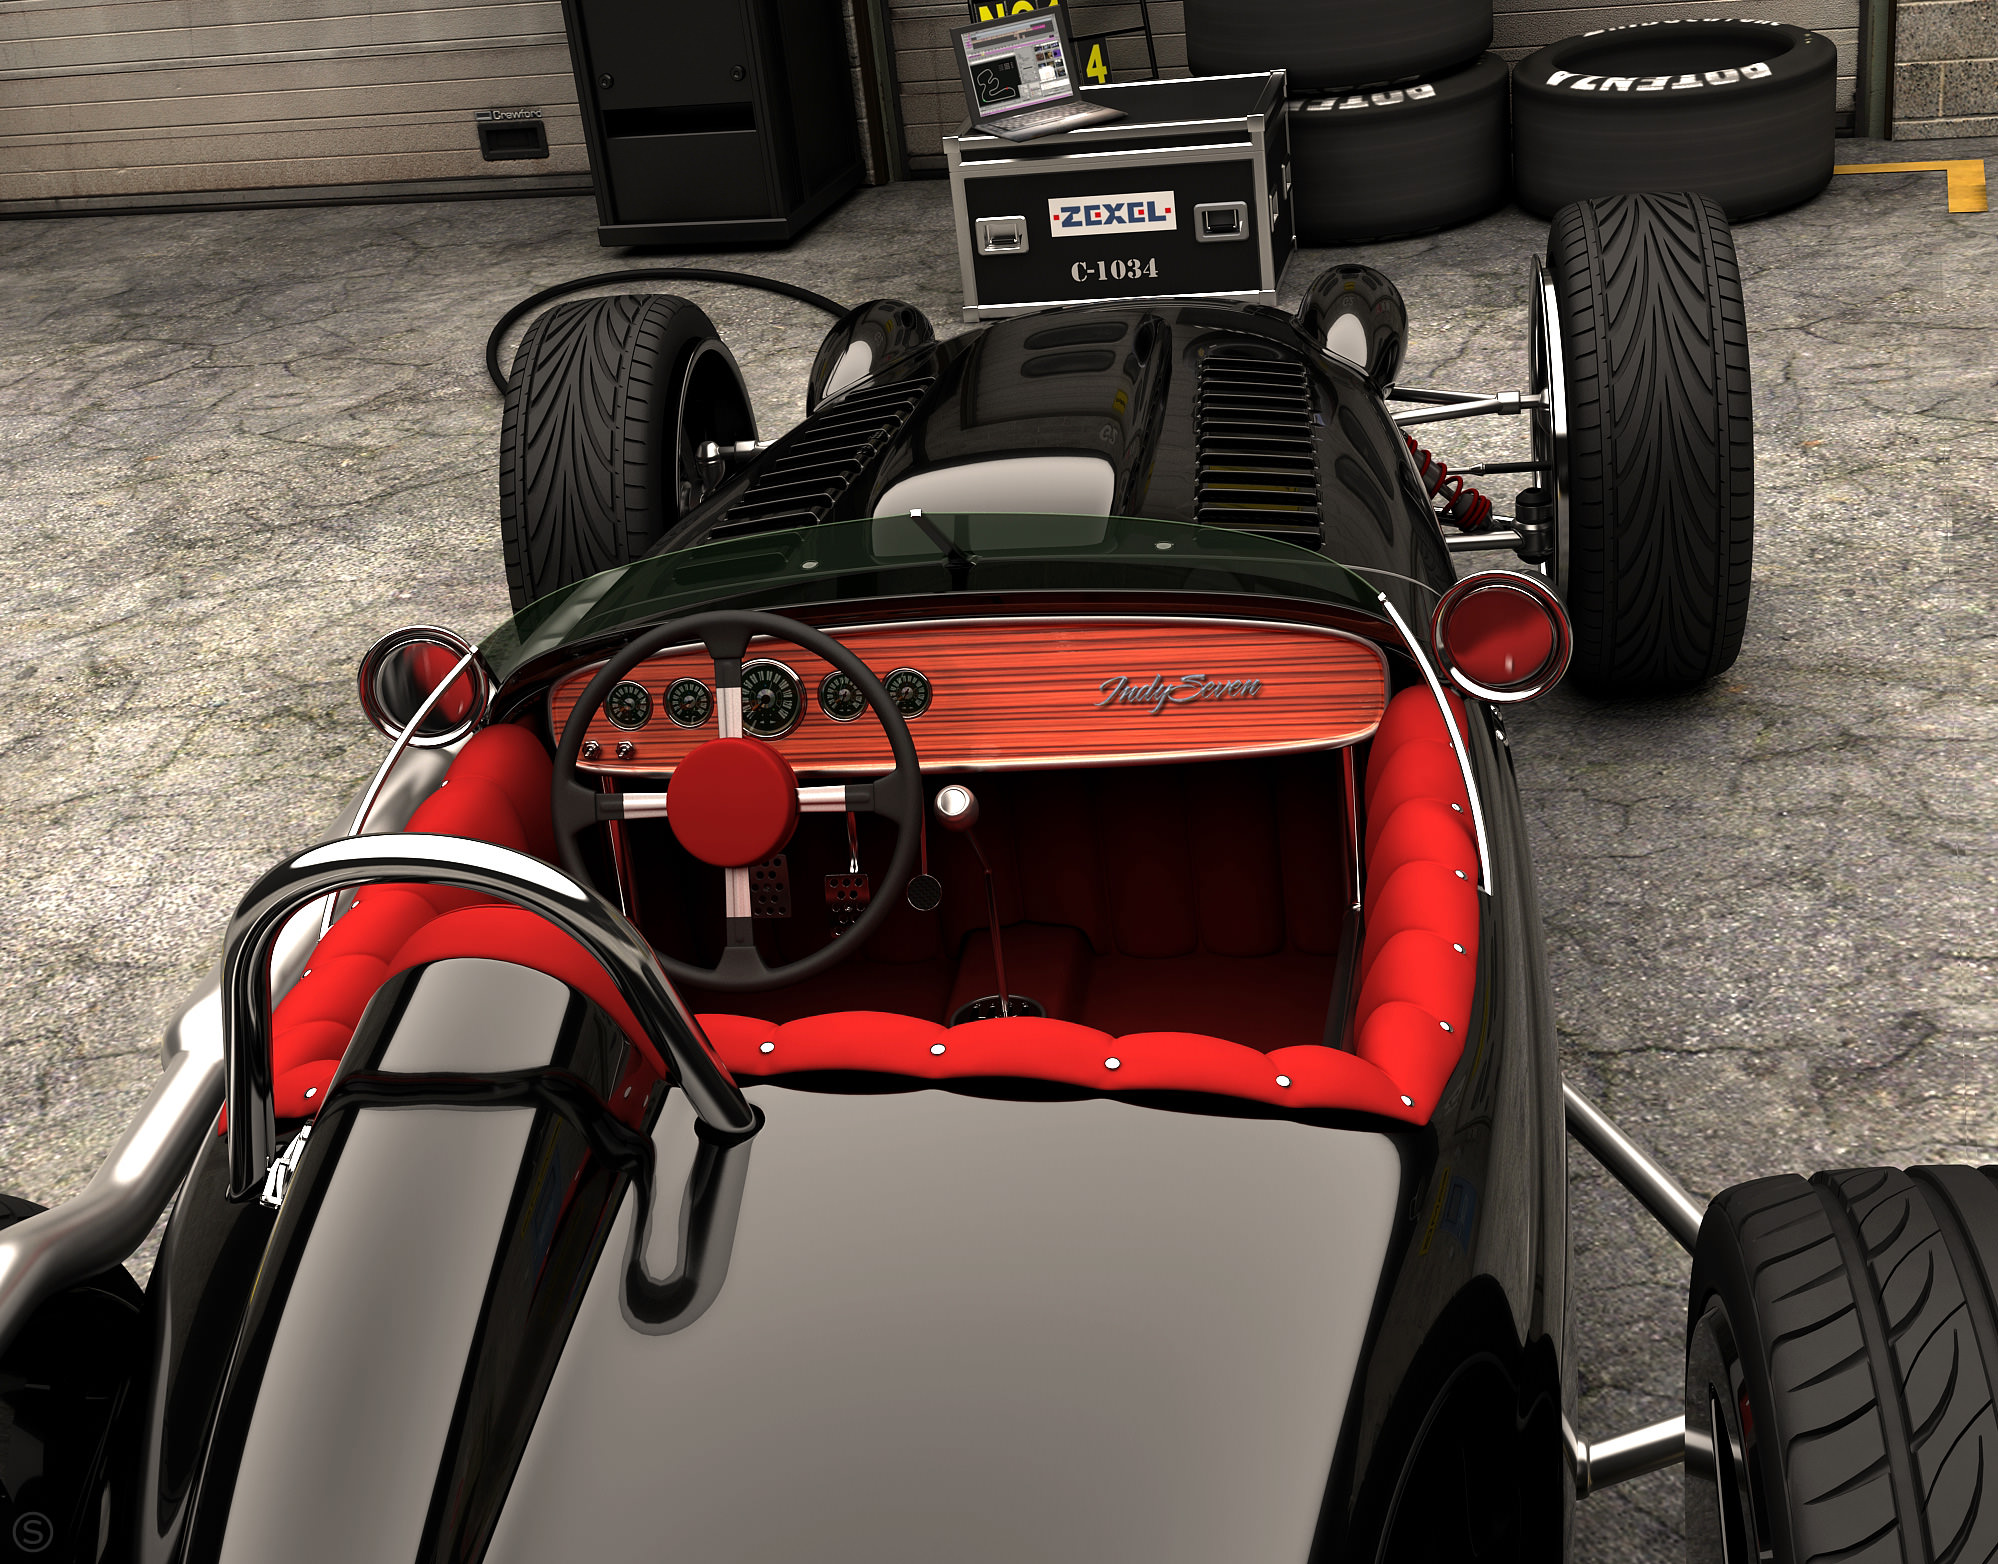 caf racer 76 caterham 7 indy custom. Black Bedroom Furniture Sets. Home Design Ideas